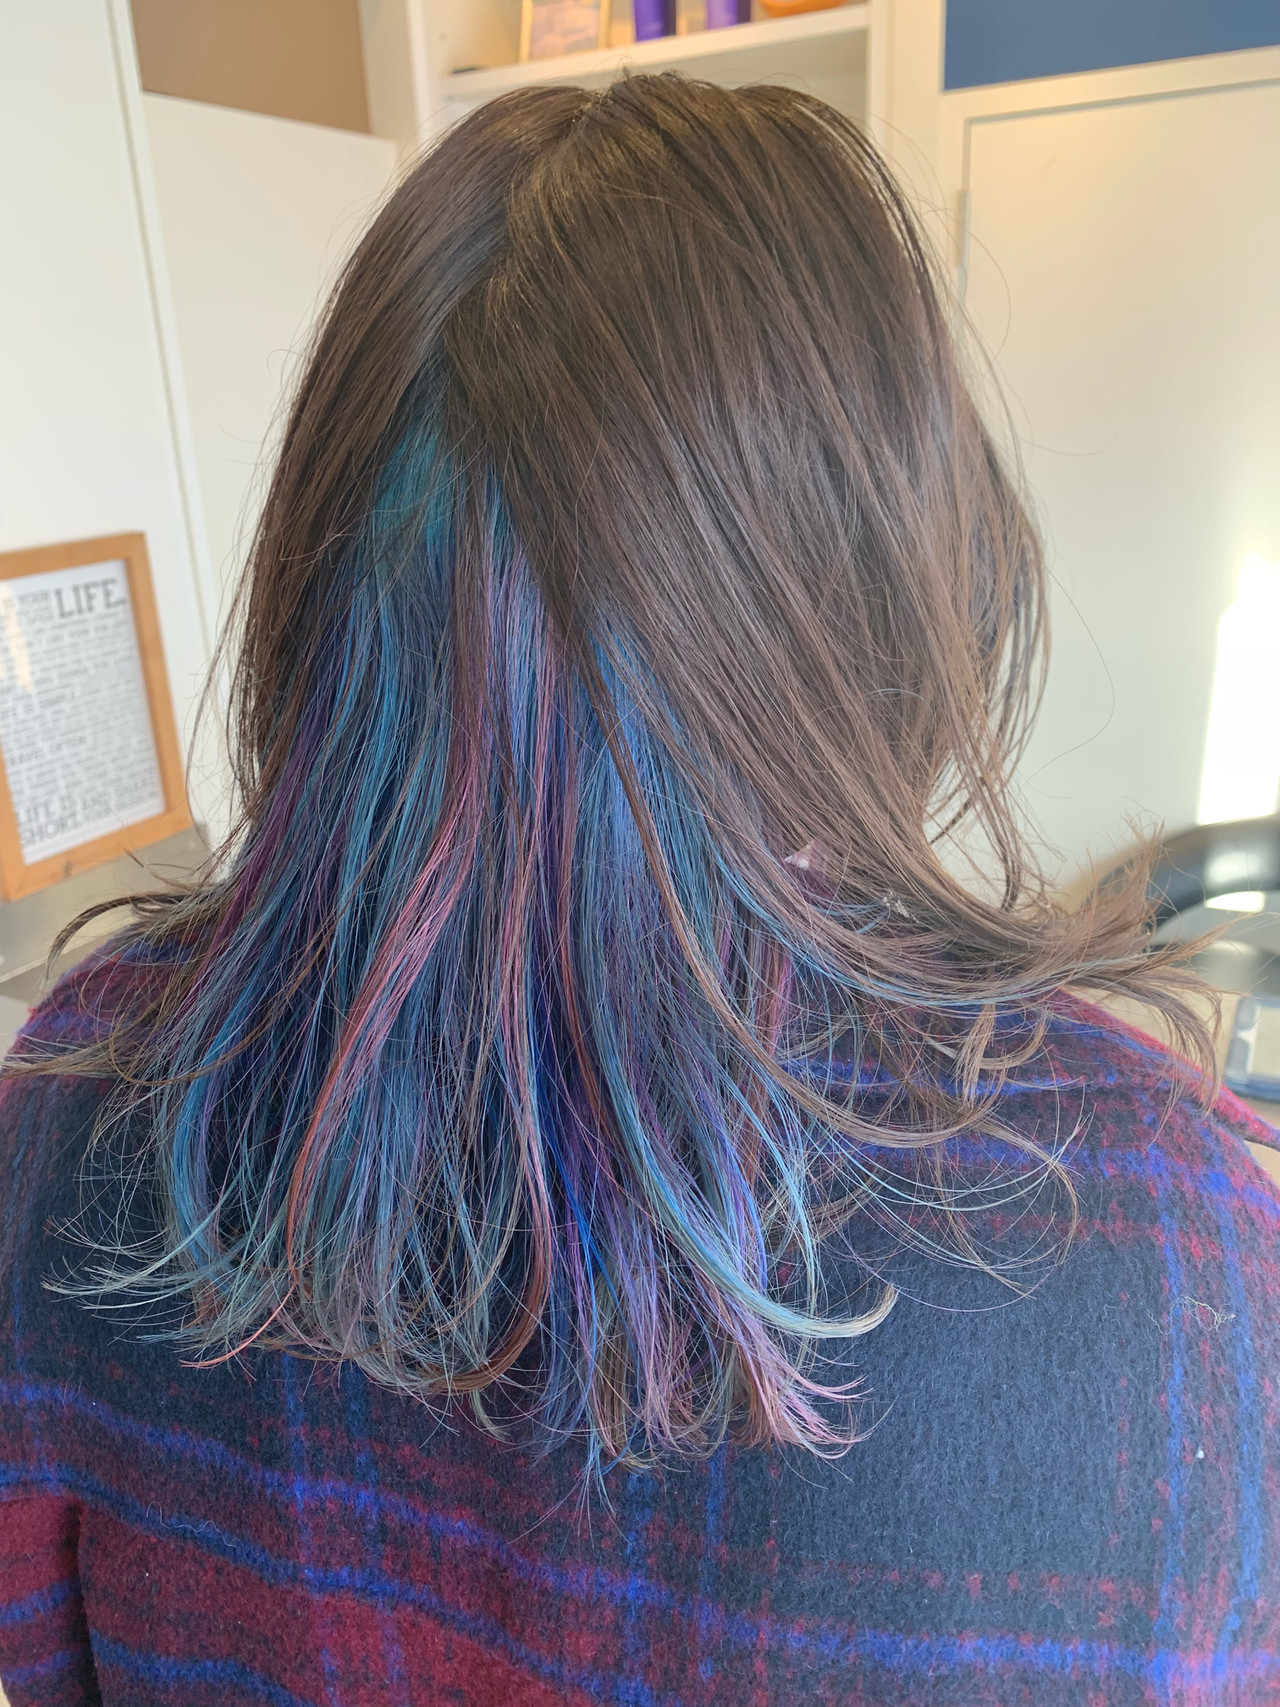 ストリート ハイトーンカラー デザインカラー ピンク ヘアスタイルや髪型の写真・画像 | Hatori Masaki / rela hair salon